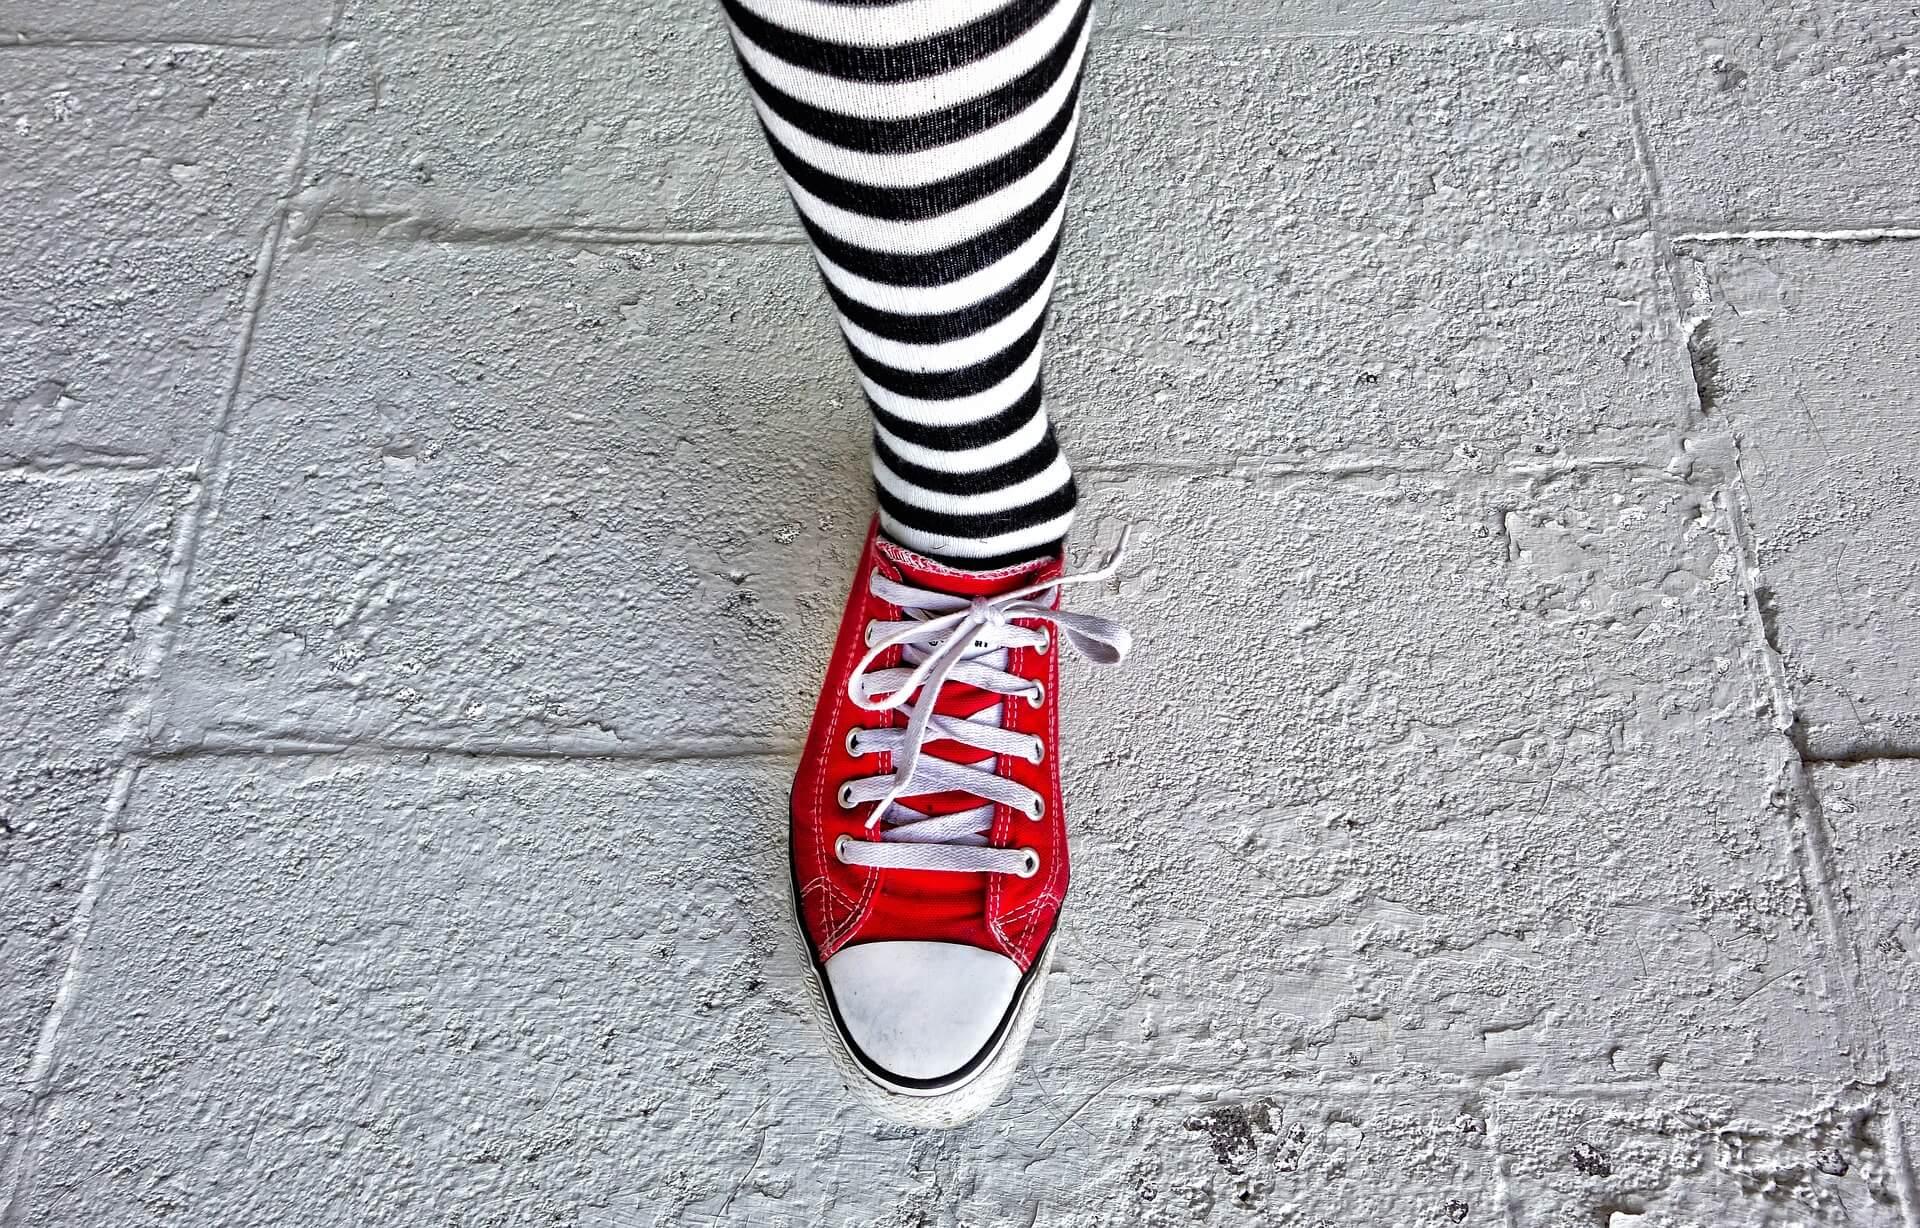 Downov sindrom oz. zakaj danes nisem obula različnih nogavic